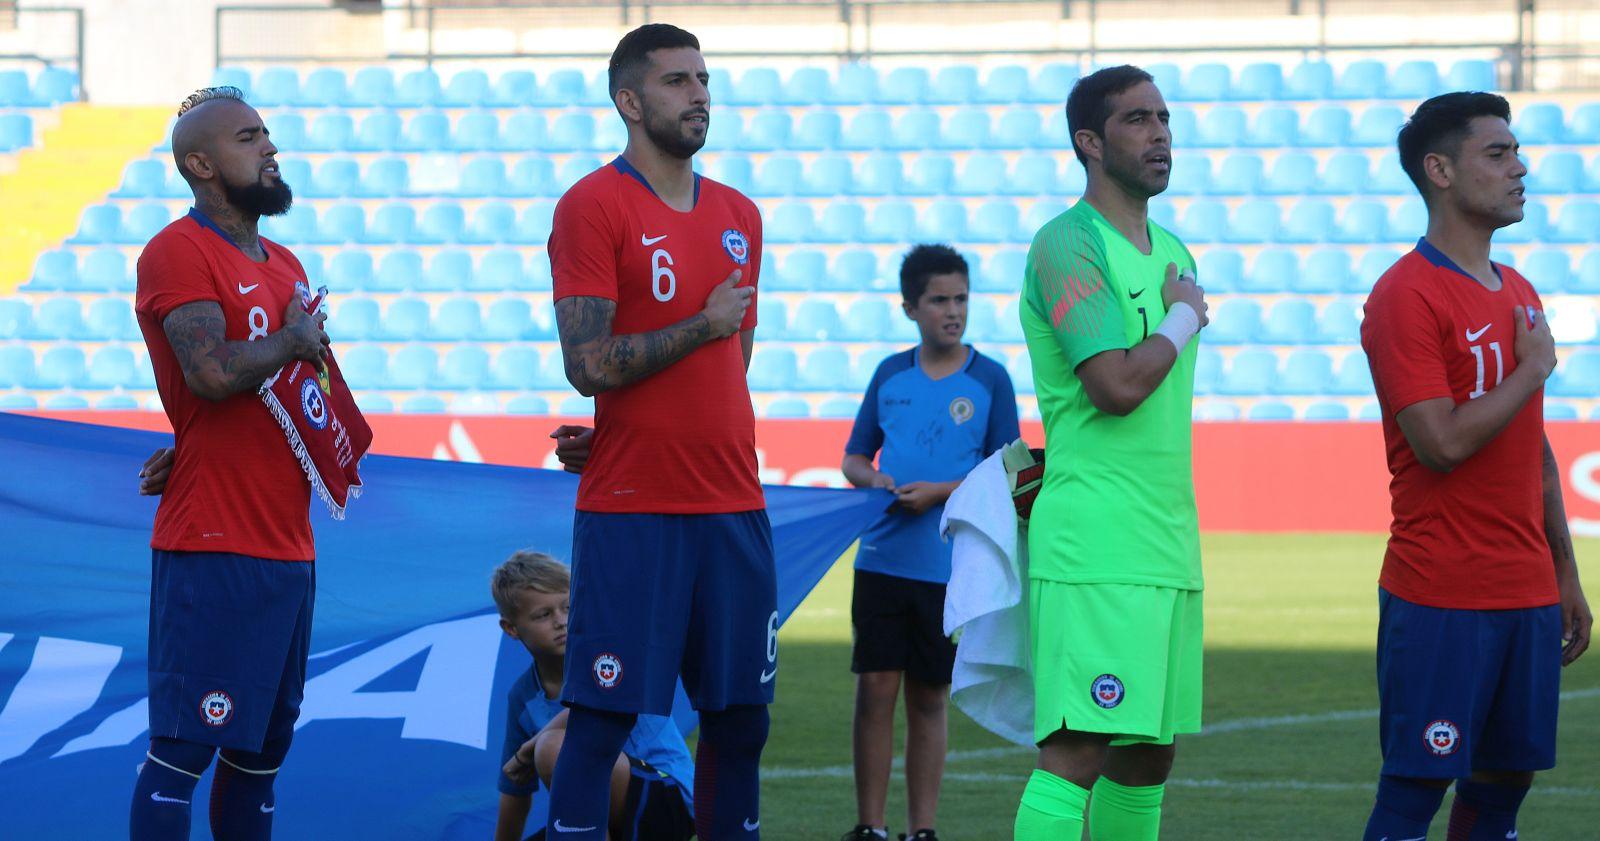 Selección chilena podría jugar un amistoso antes del inicio de las clasificatorias